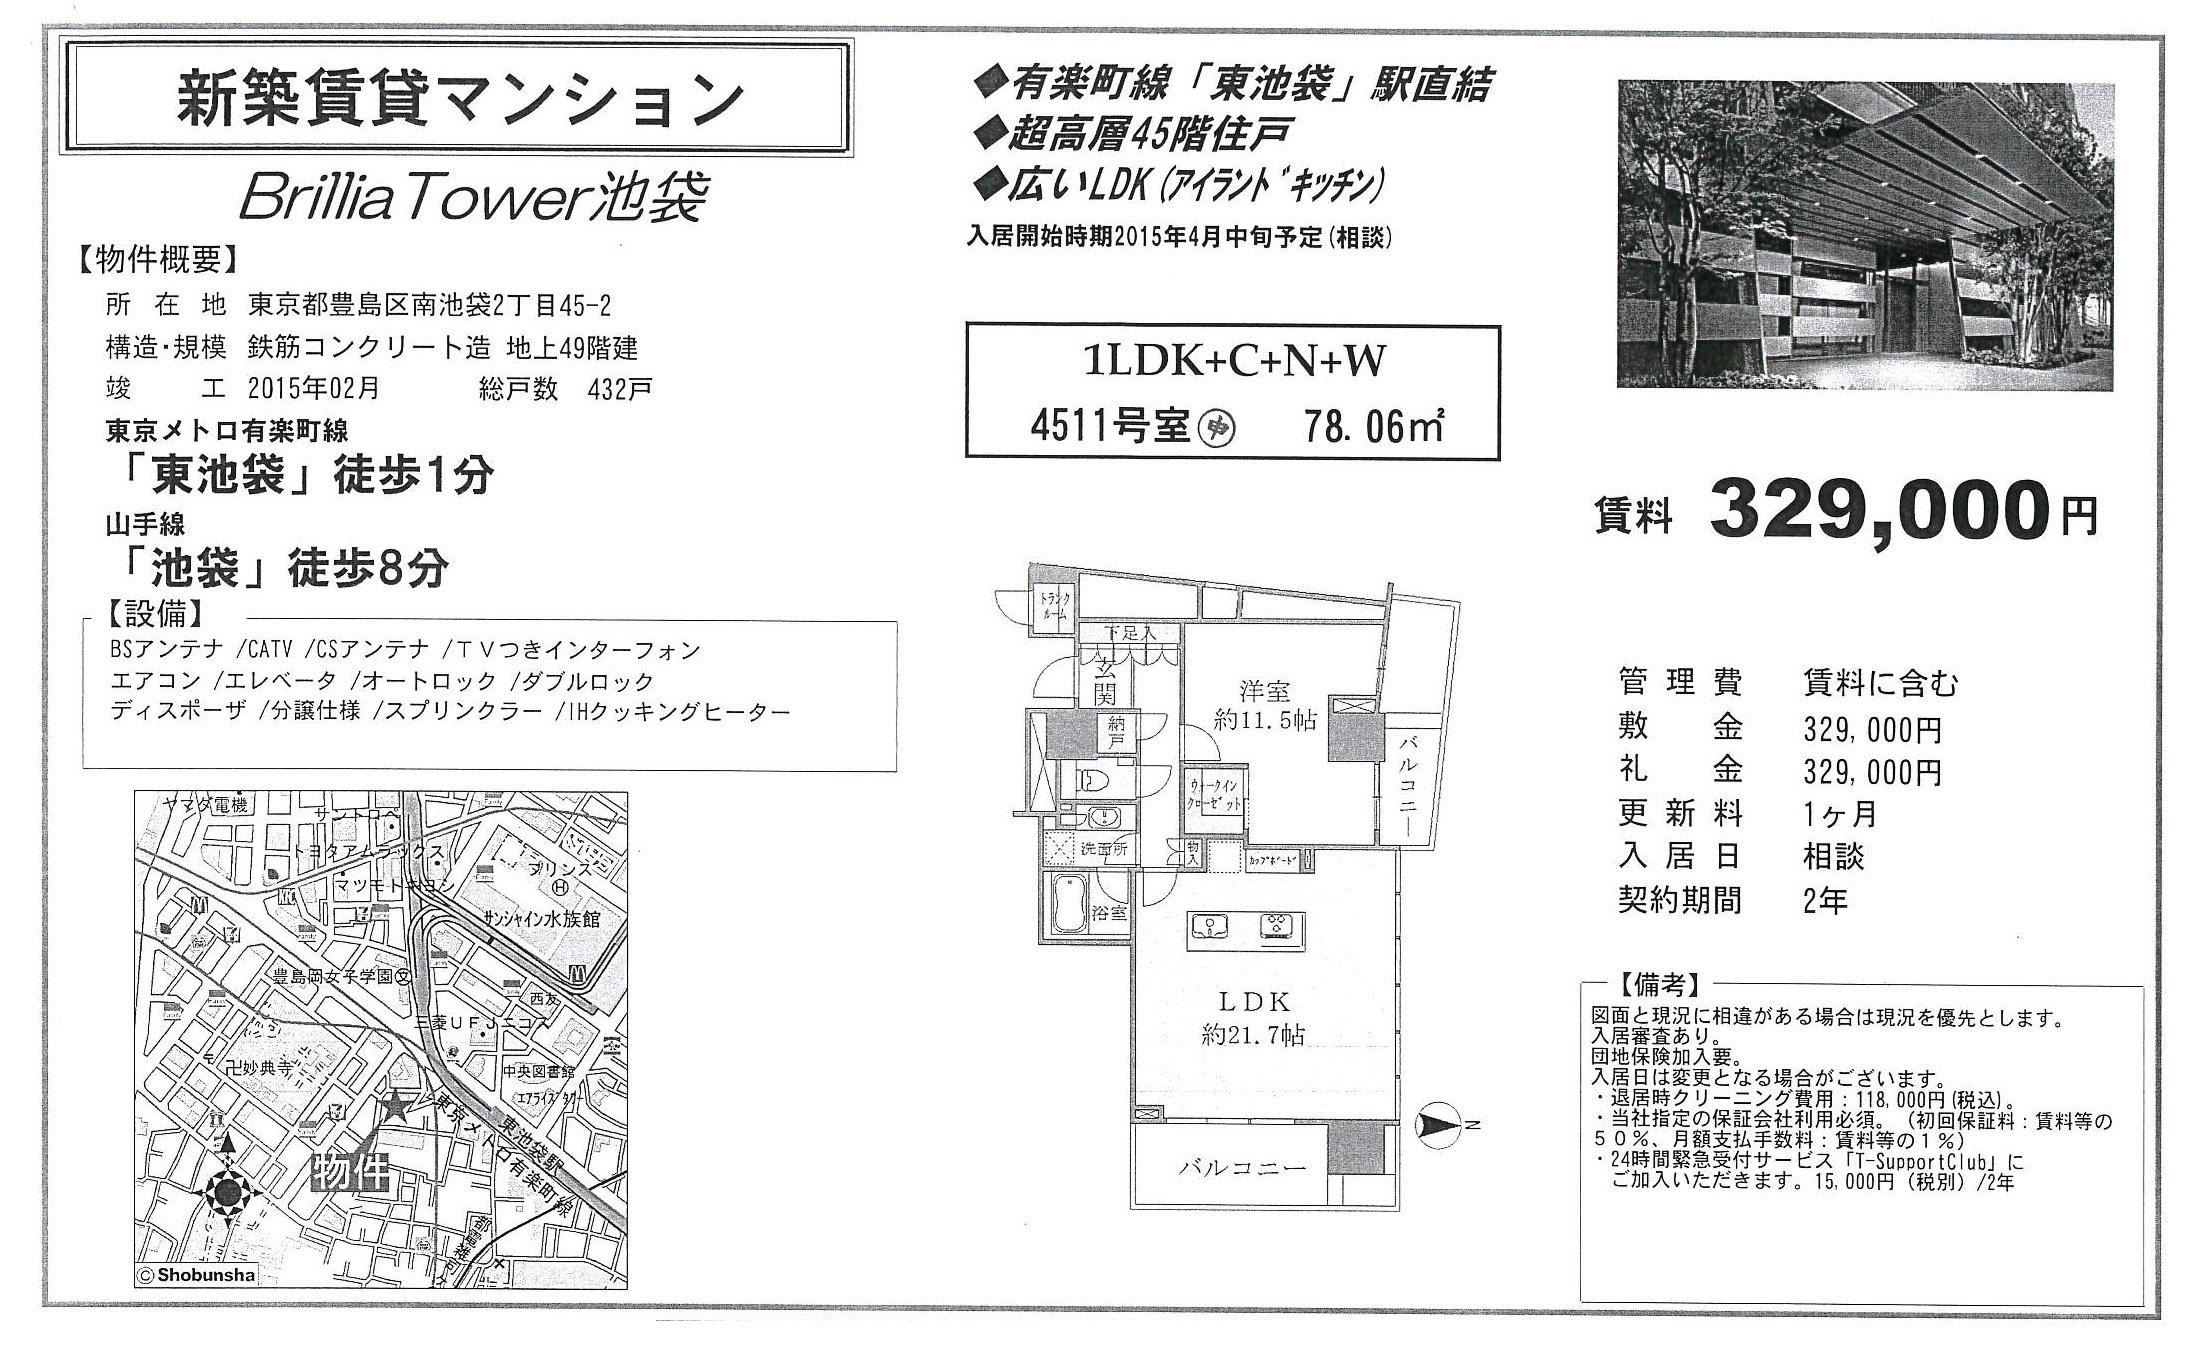 ブリリアタワー池袋図面4511号室